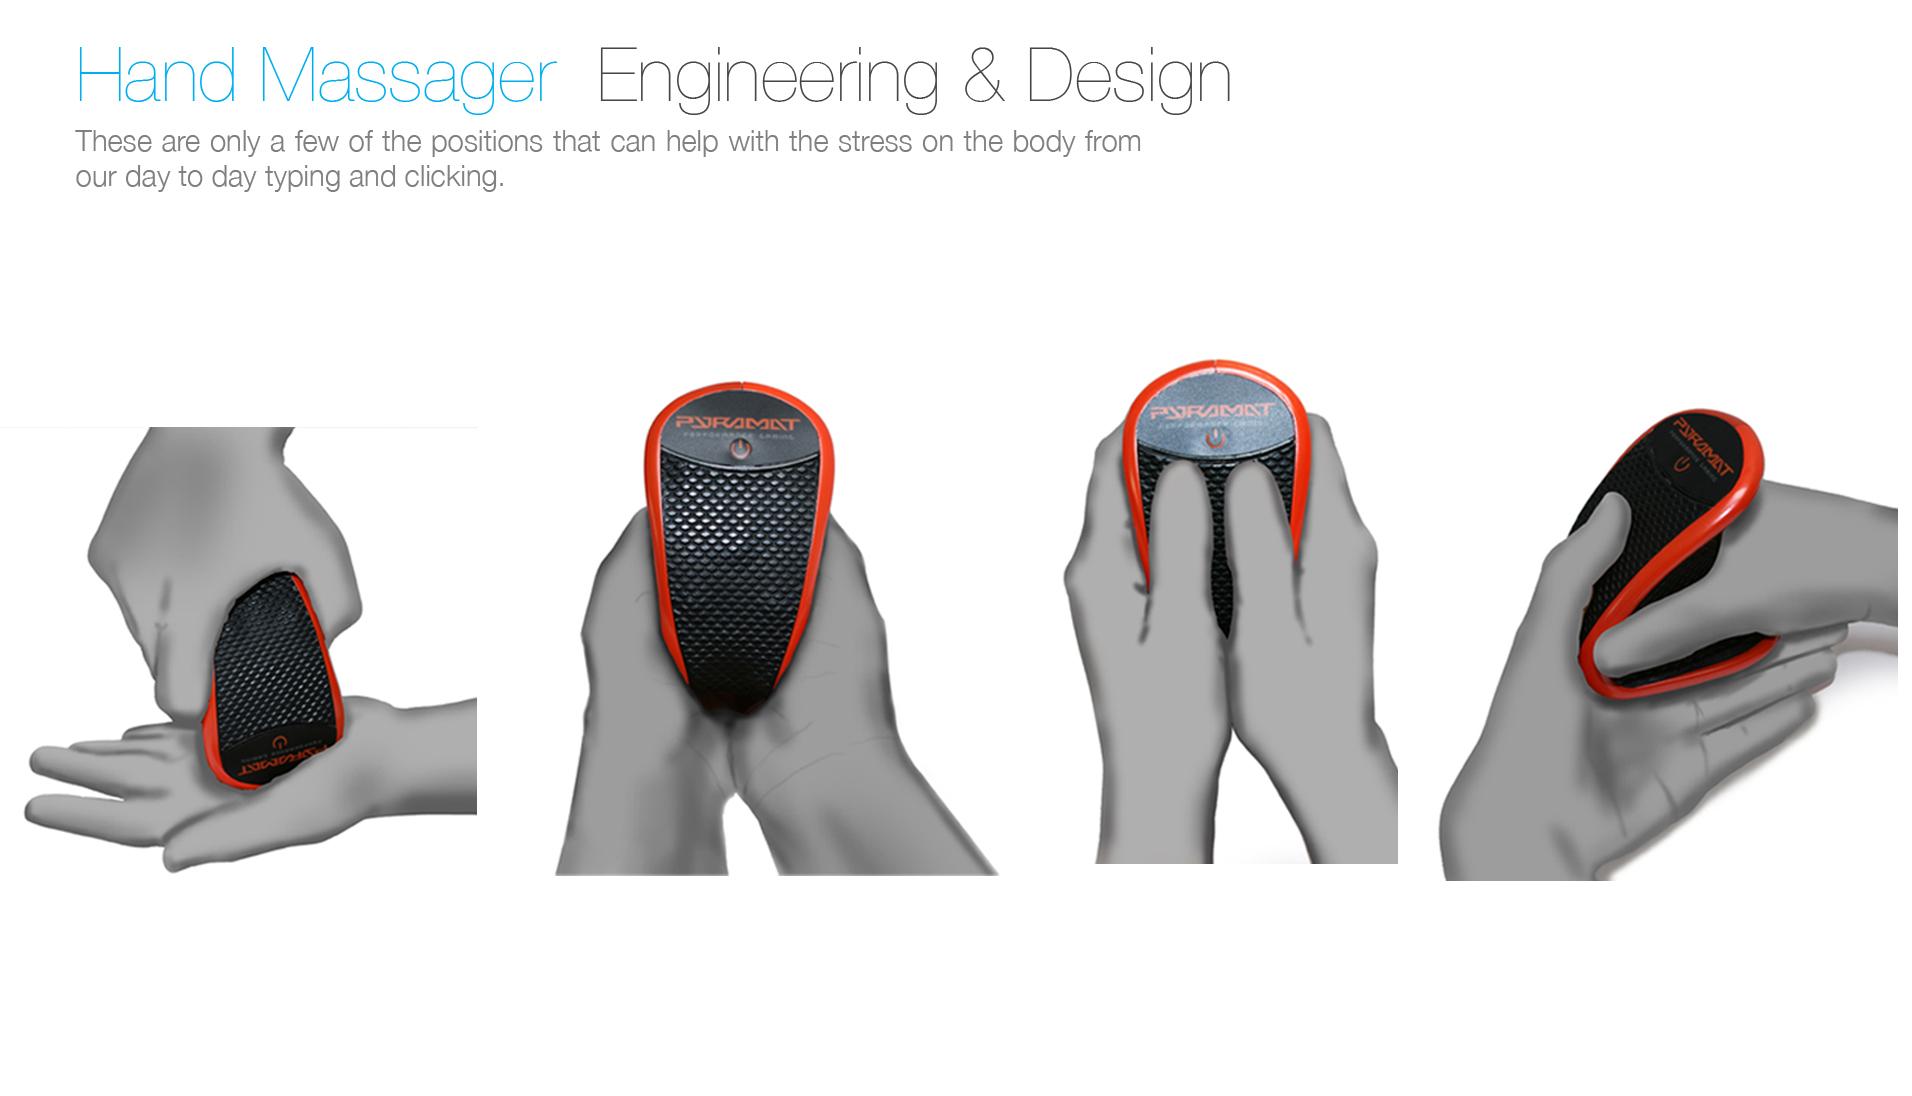 Project Slide Images Massager_3.jpg